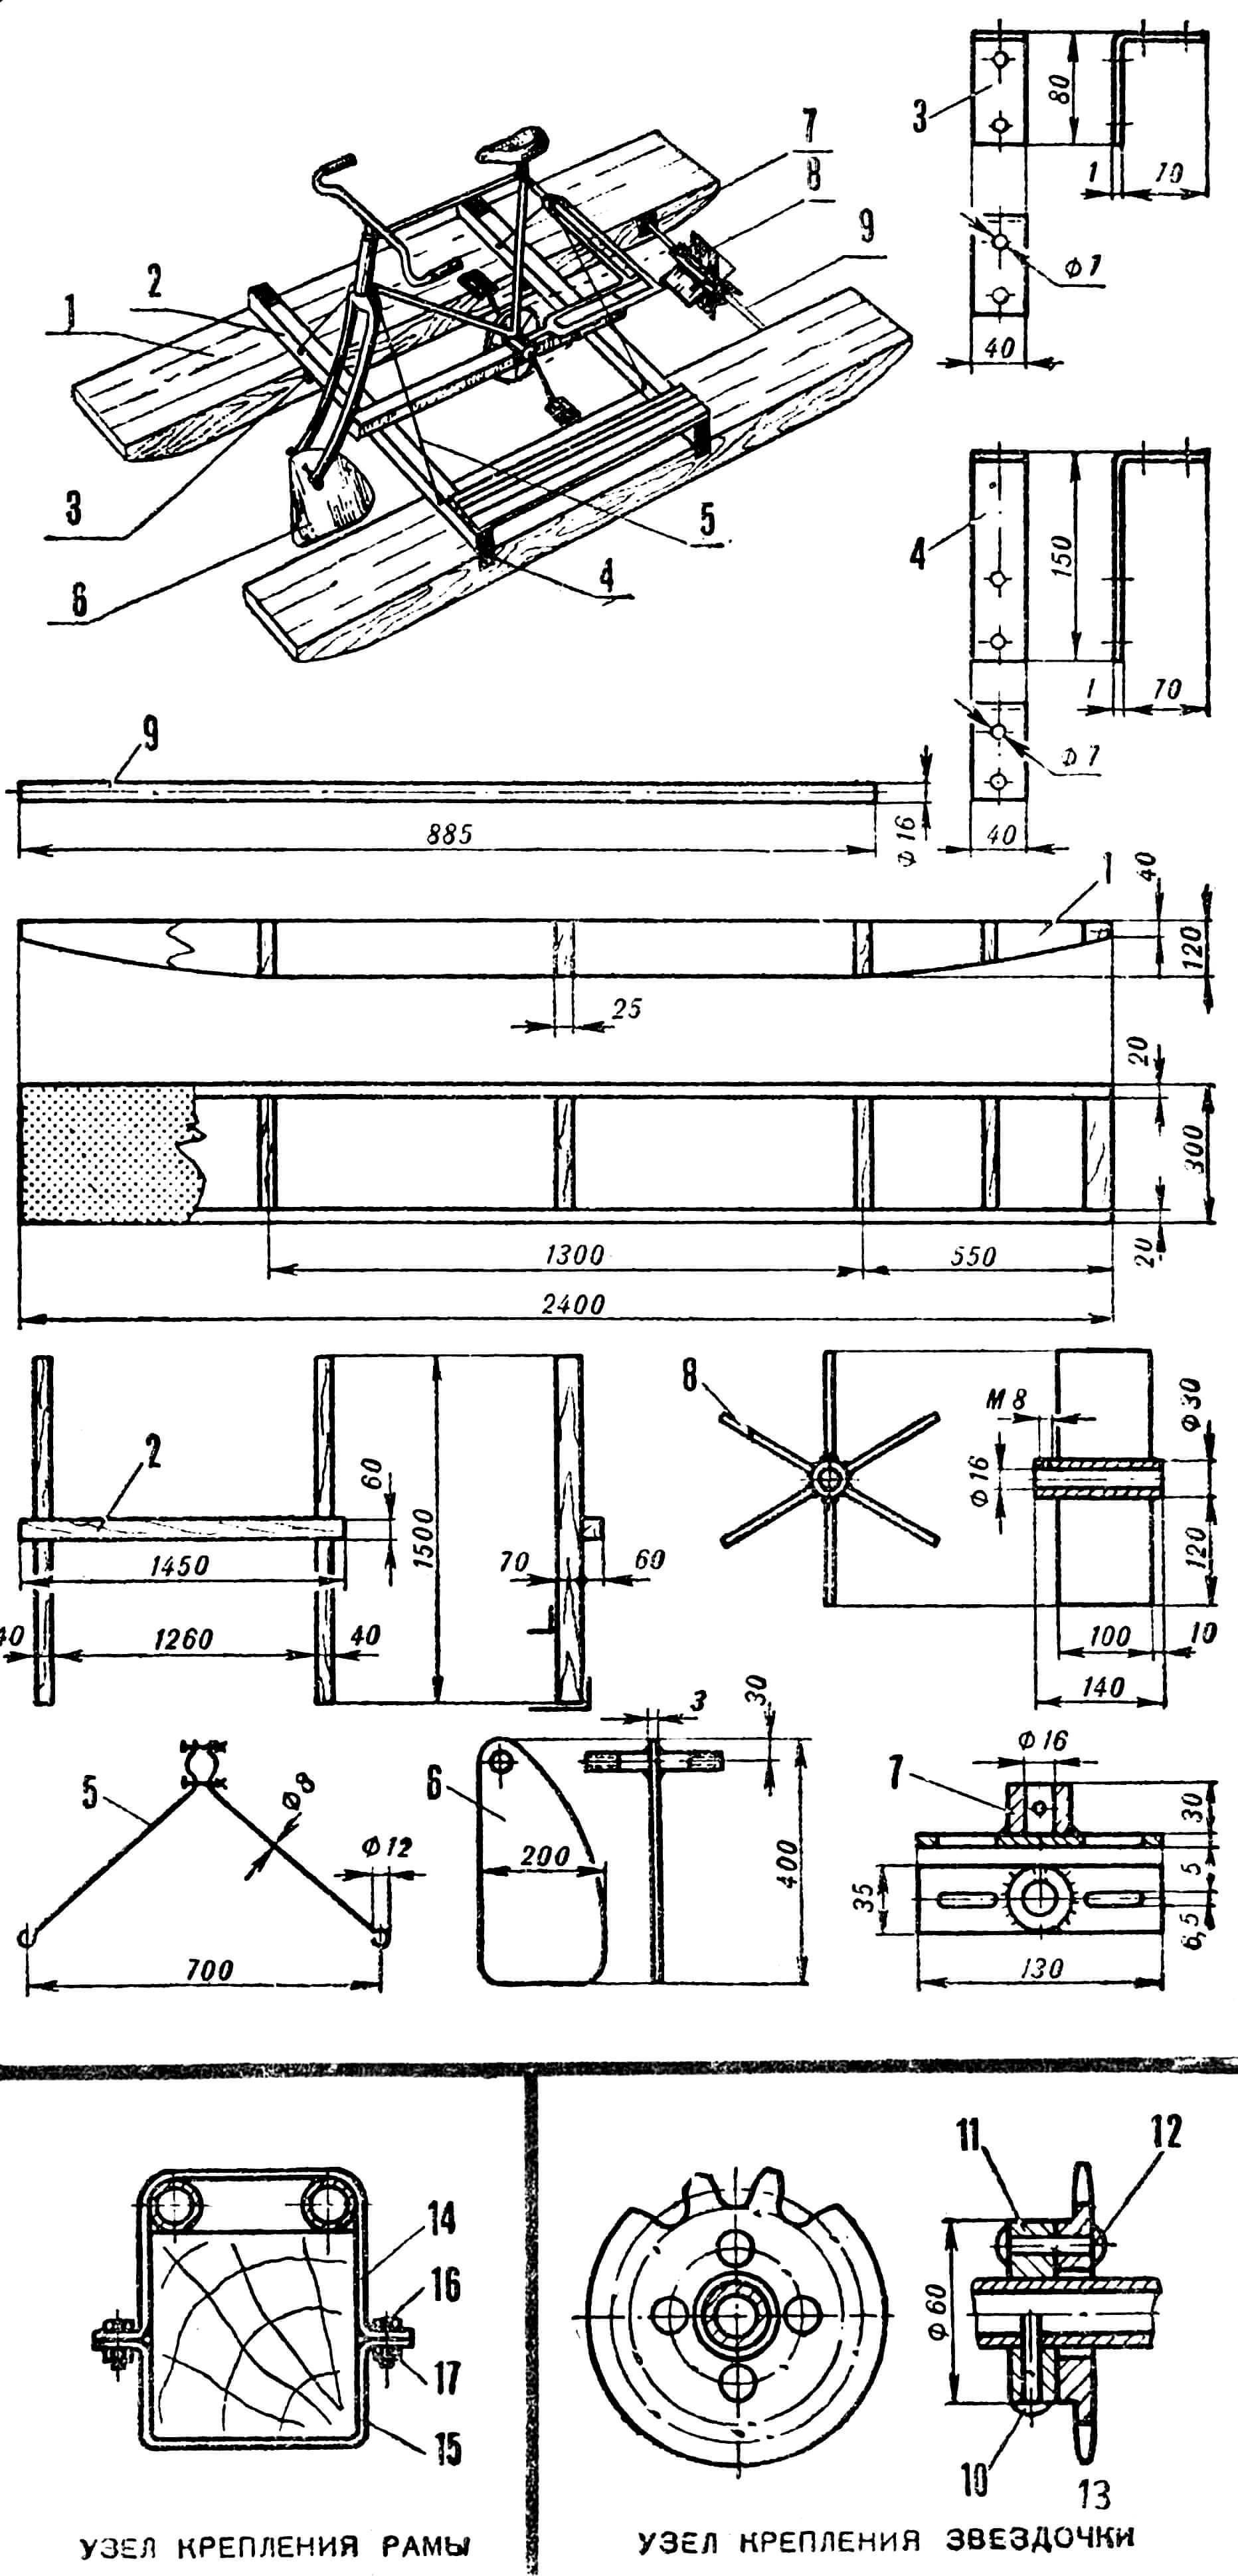 Общий вид и деталировка водного велосипеда: 1 — поплавки; 2 — рама; 3 — малый угольник; 4 — большой угольник; 5 — растяжки; 6 — перо руля; 7 — подшипники; 8 — гребное колесо; 9 — вал; 10 — заклепка ø — 5; 11 — втулка; 12 — заклепка ø — 5; 13 — звездочка; 14 — полоса размером 0,5x25x200 мм; 15 — полоса размером 0,5x25x210 мм; 16 — болт М8х30; 17 — гайка М8.